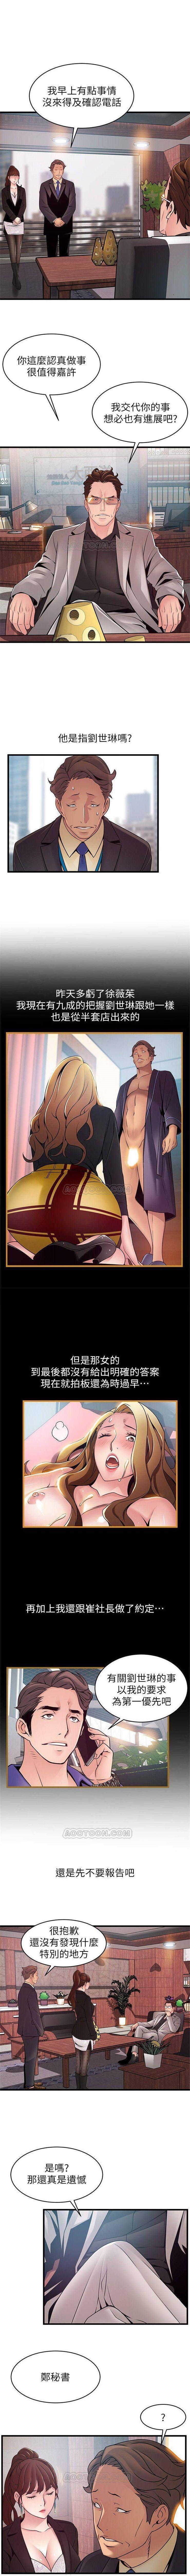 (週7)弱點 1-76 中文翻譯(更新中) 367